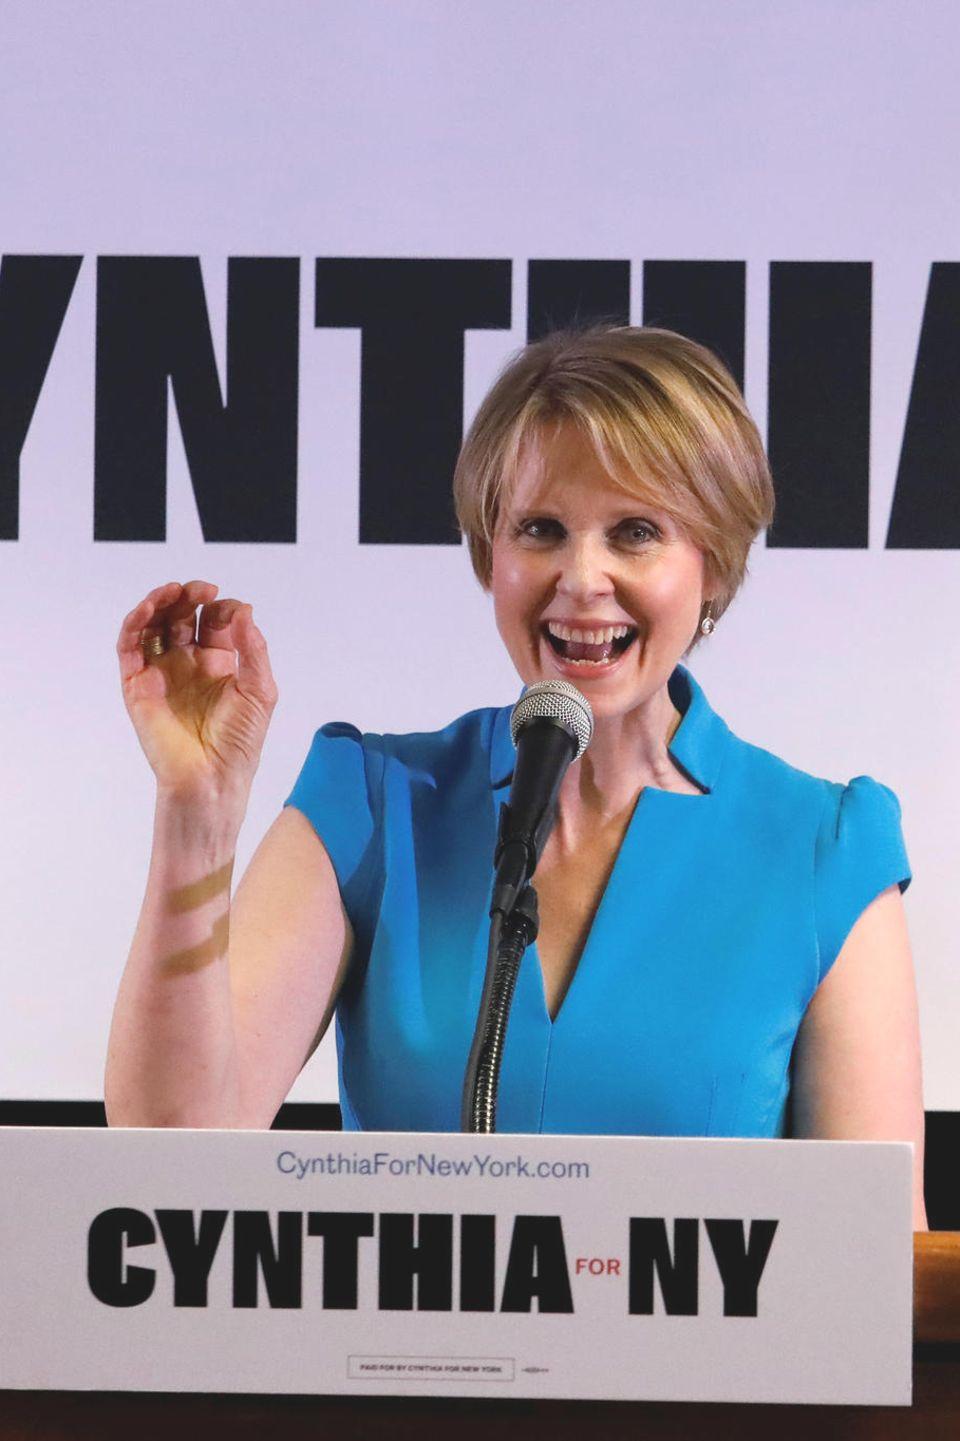 20. März 2018  Frauenpower an die Macht.Schauspielerin Cynthia Nixon gibt bekannt, dass sie bei einem Wahlkampf in Brooklyn für den Gouverneur von New York kandidiert.